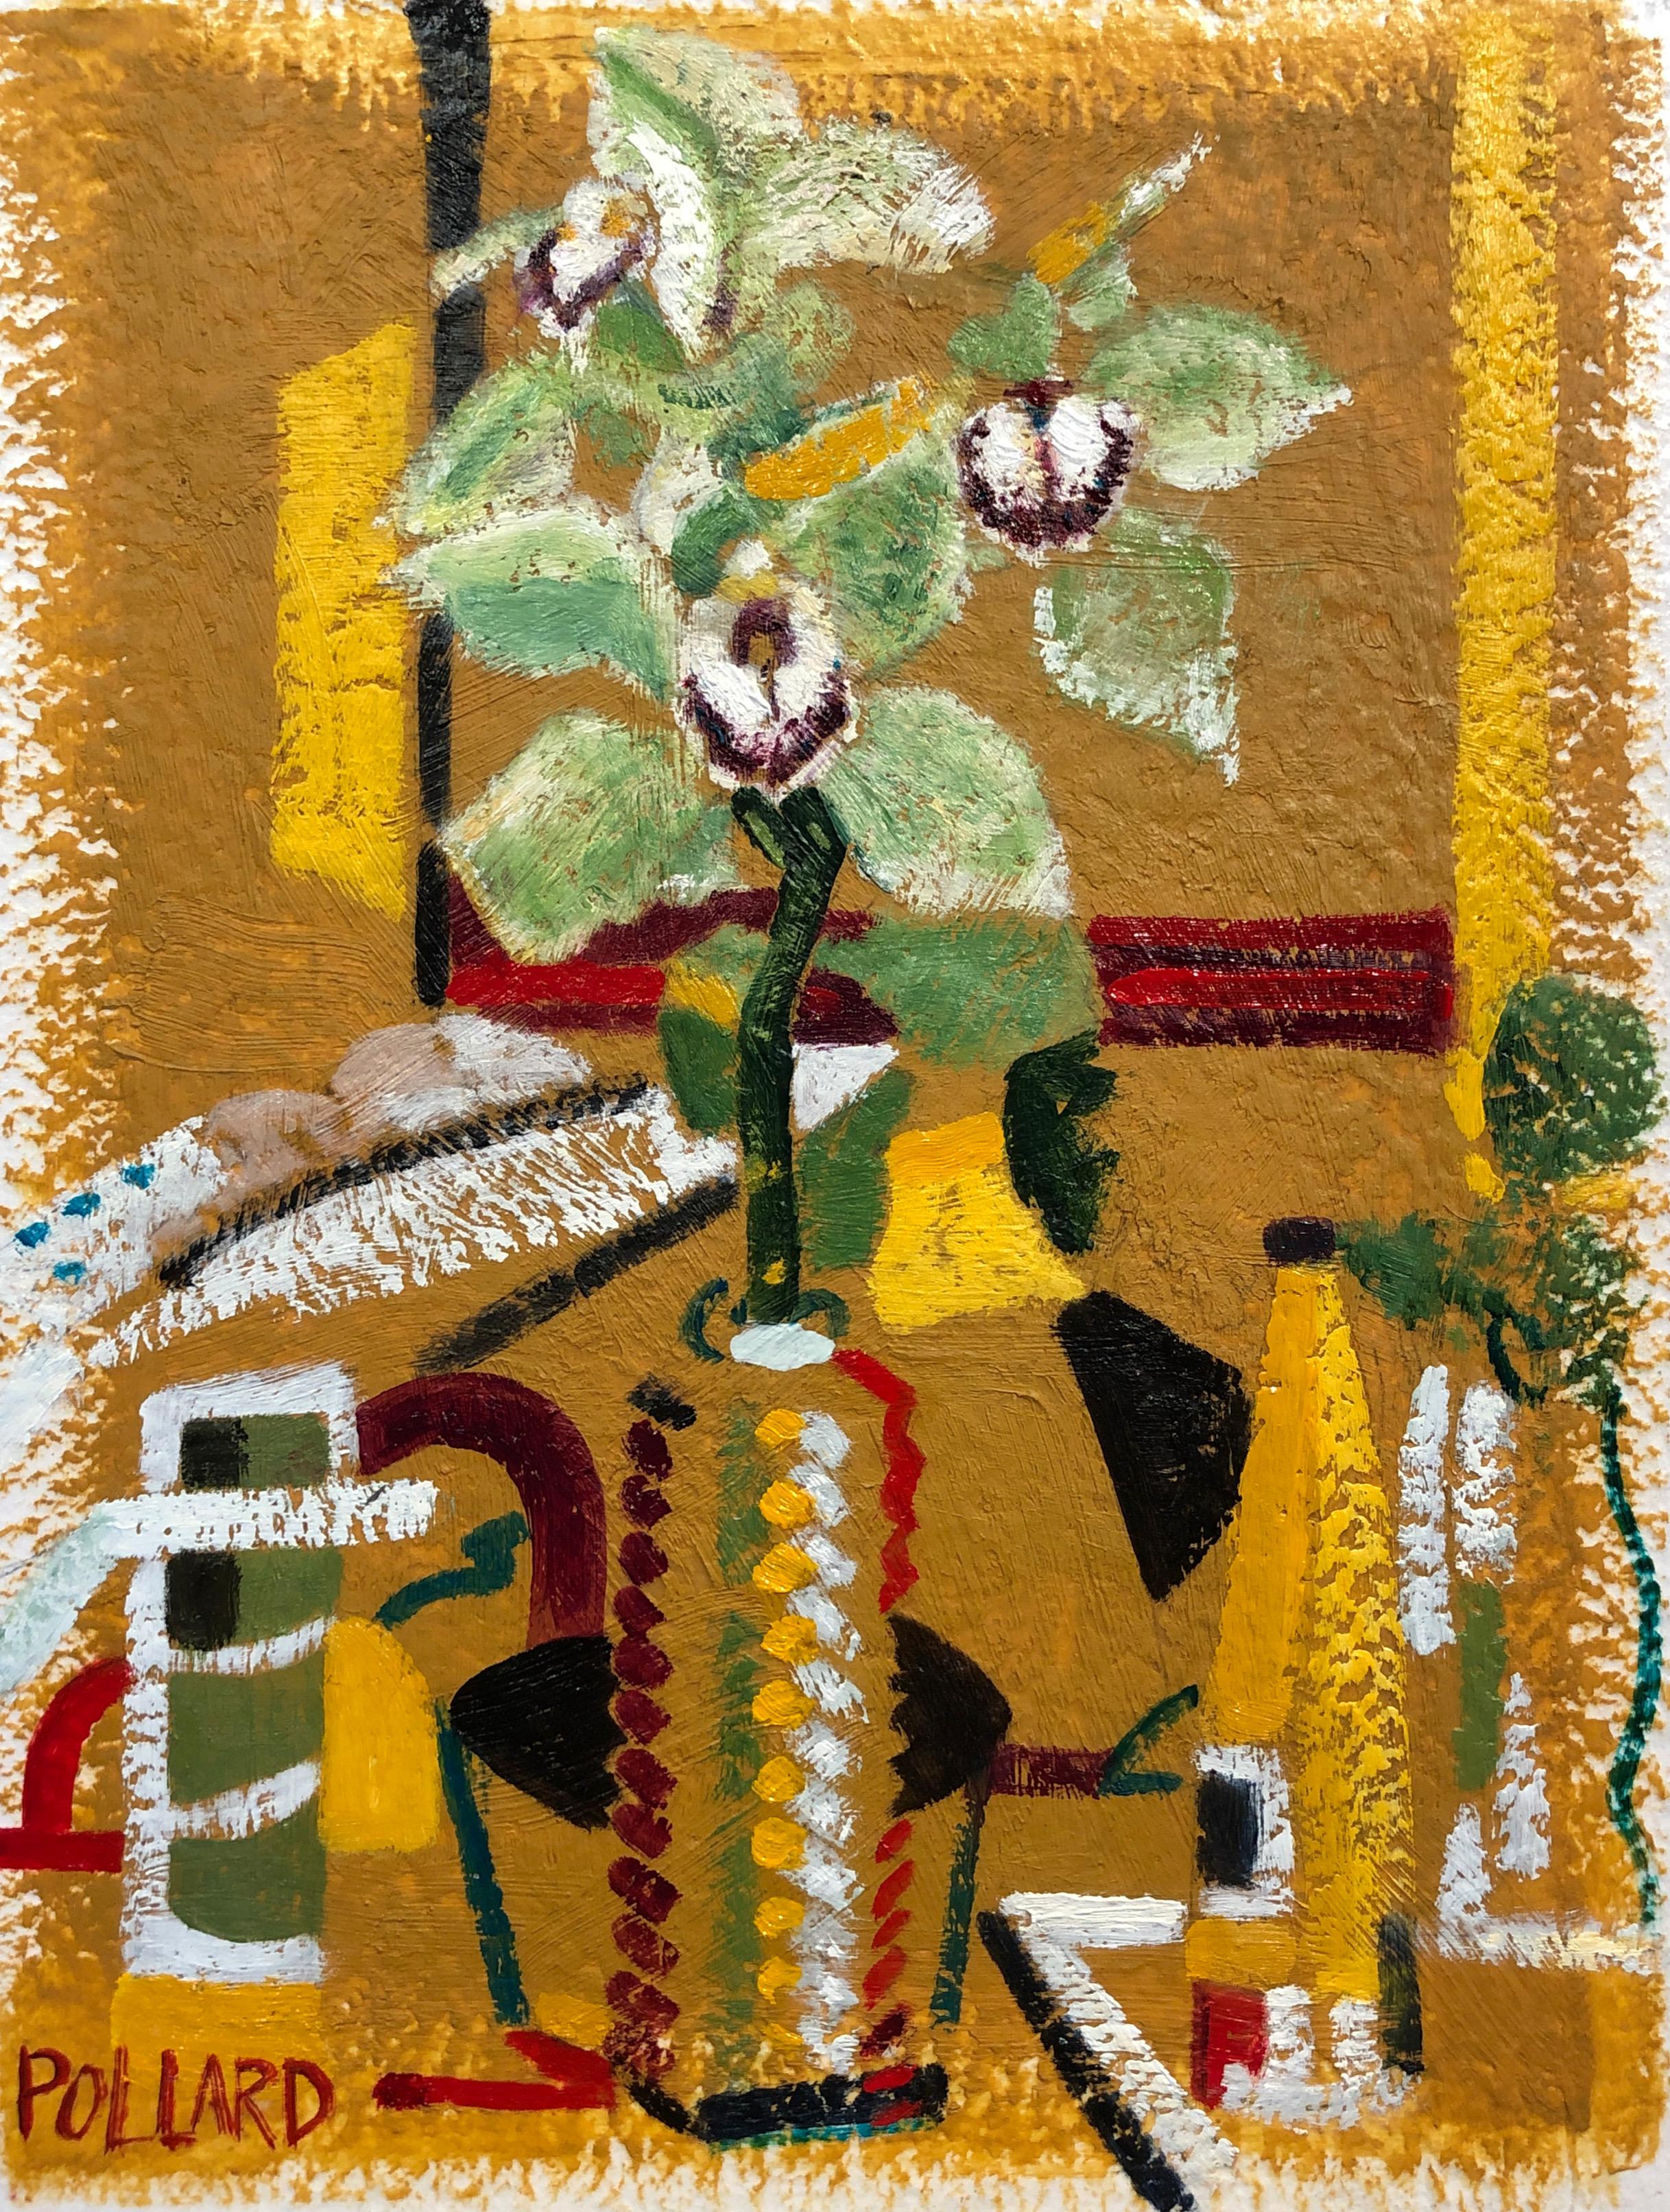 Judee's Room | Modern Still Life | Vase Series | Artist | Painter | Kim Pollard | Canadian Artist